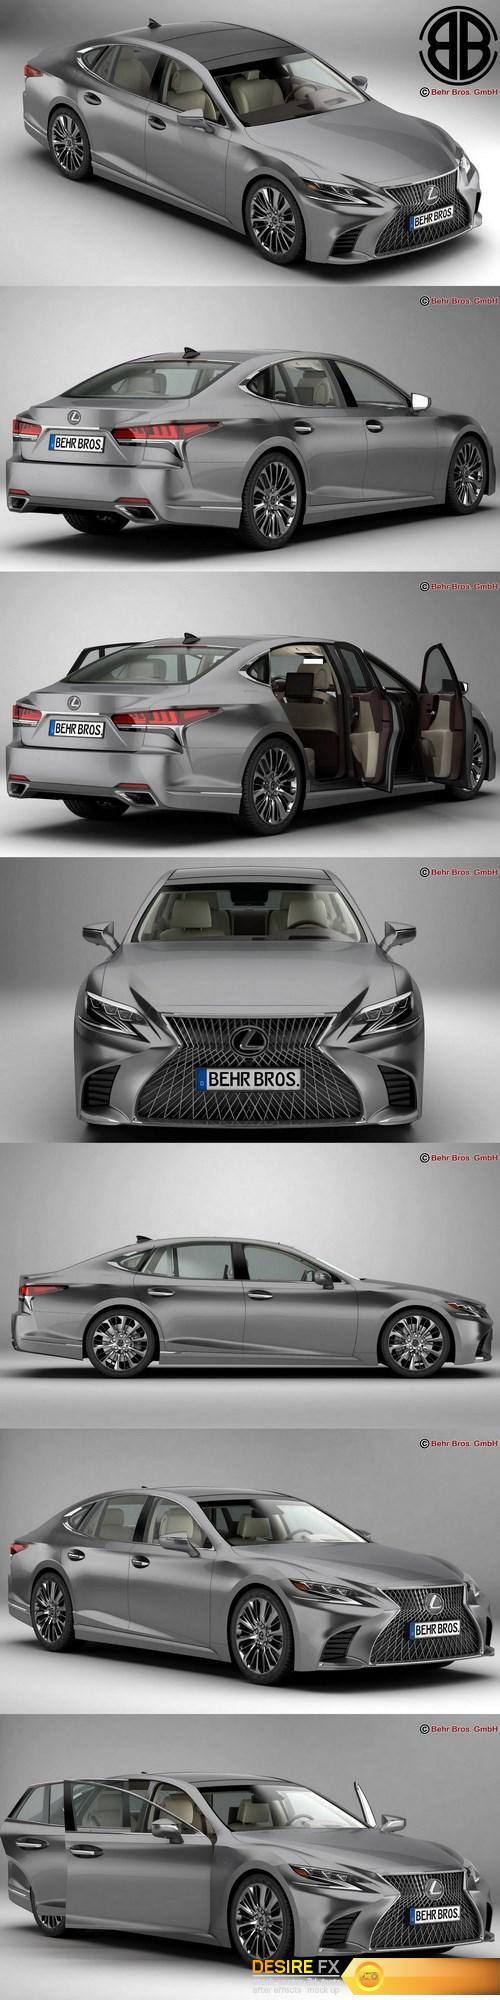 3d-models - Lexus LS 500 2018 3D Model